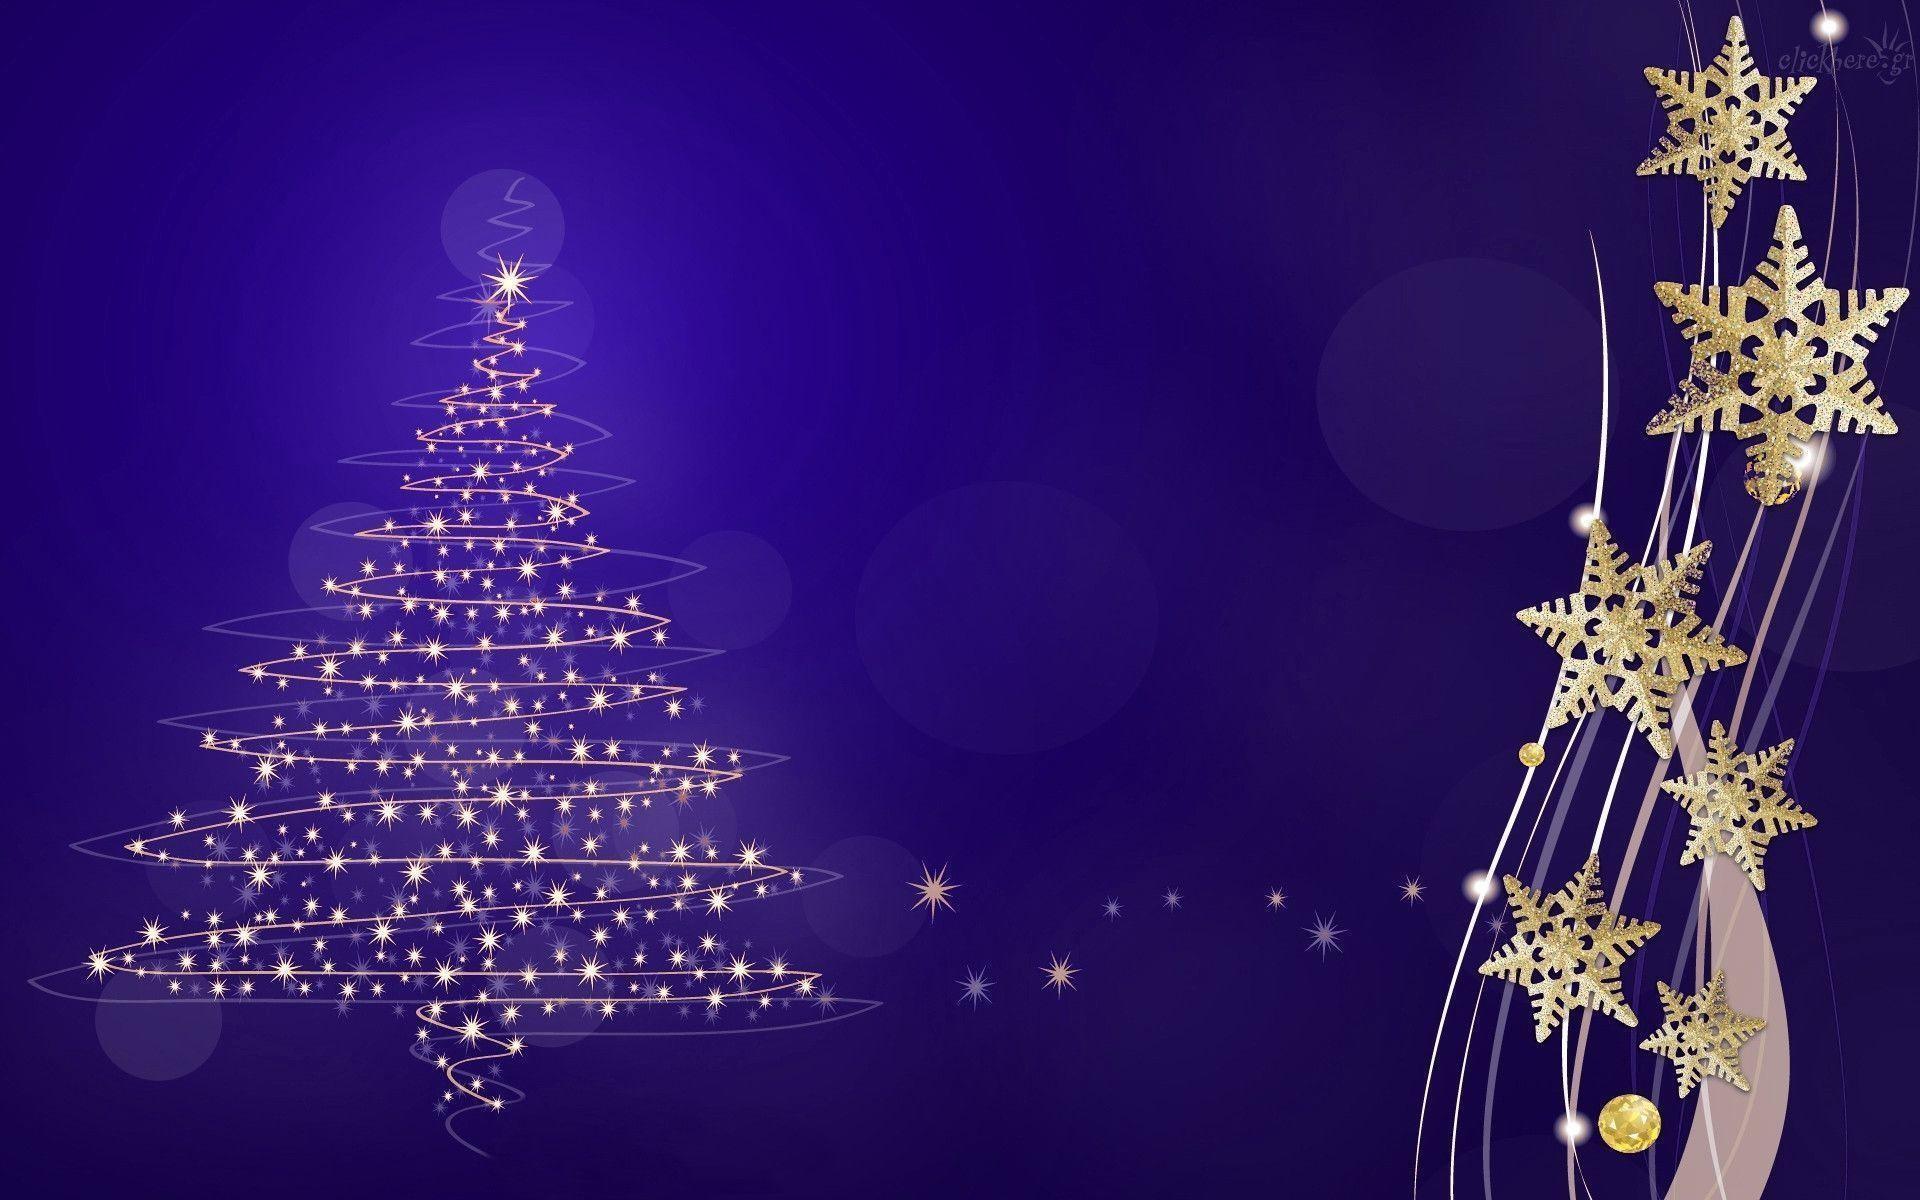 Purple christmas backgrounds 45 images - Purple christmas desktop wallpaper ...